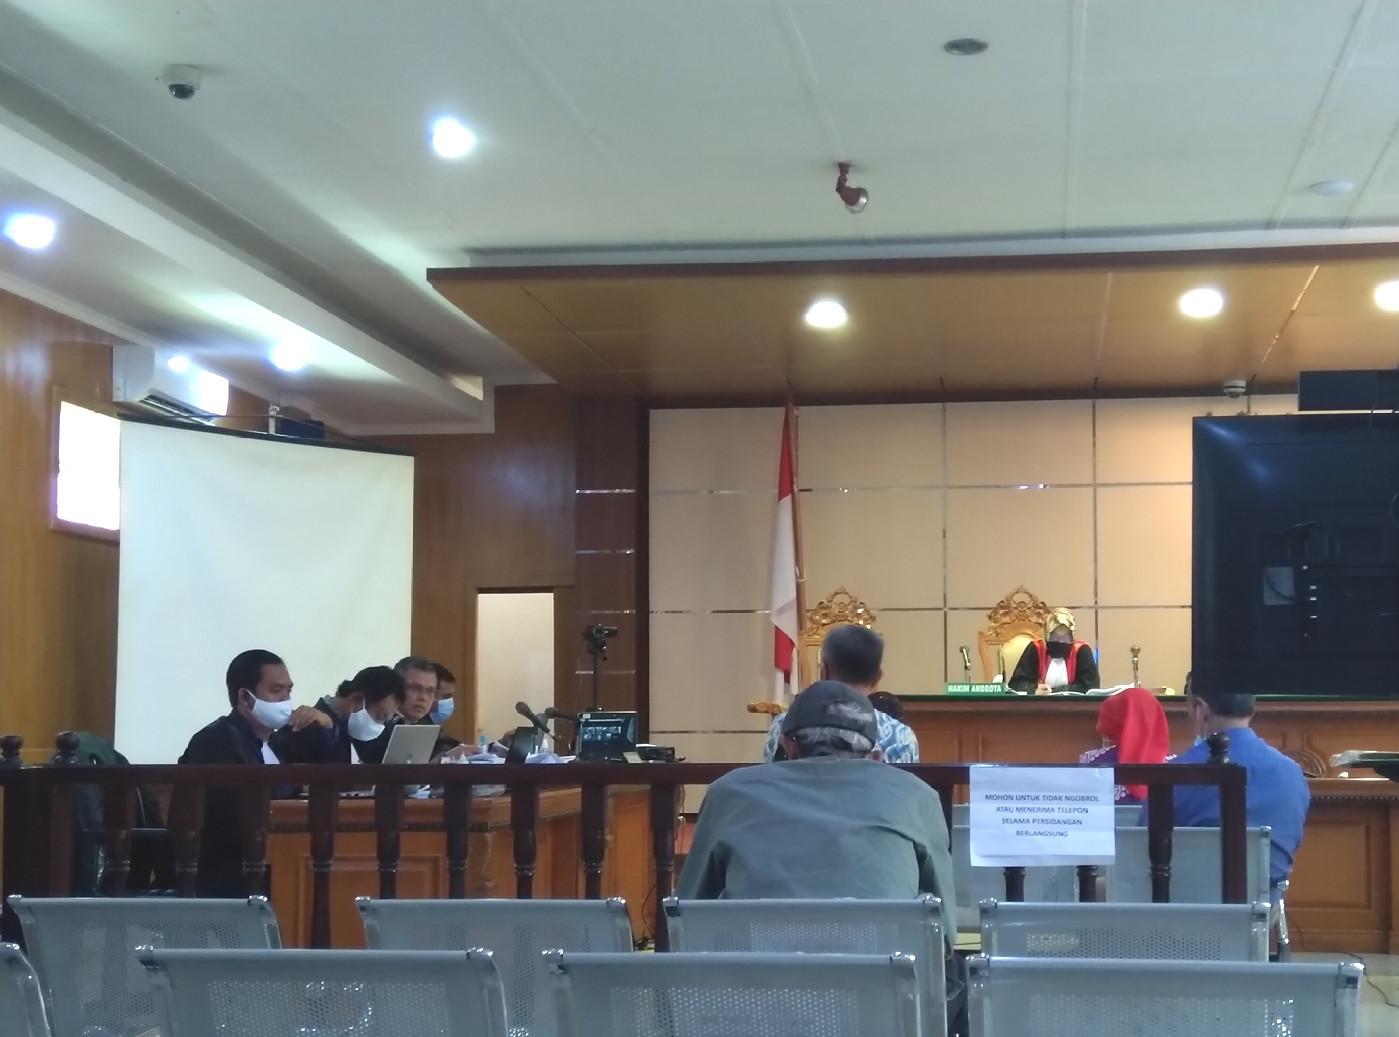 Diibaratkan Jual Beli Comro, Sengkarut Jual Beli Tanah RTH Kota Bandung